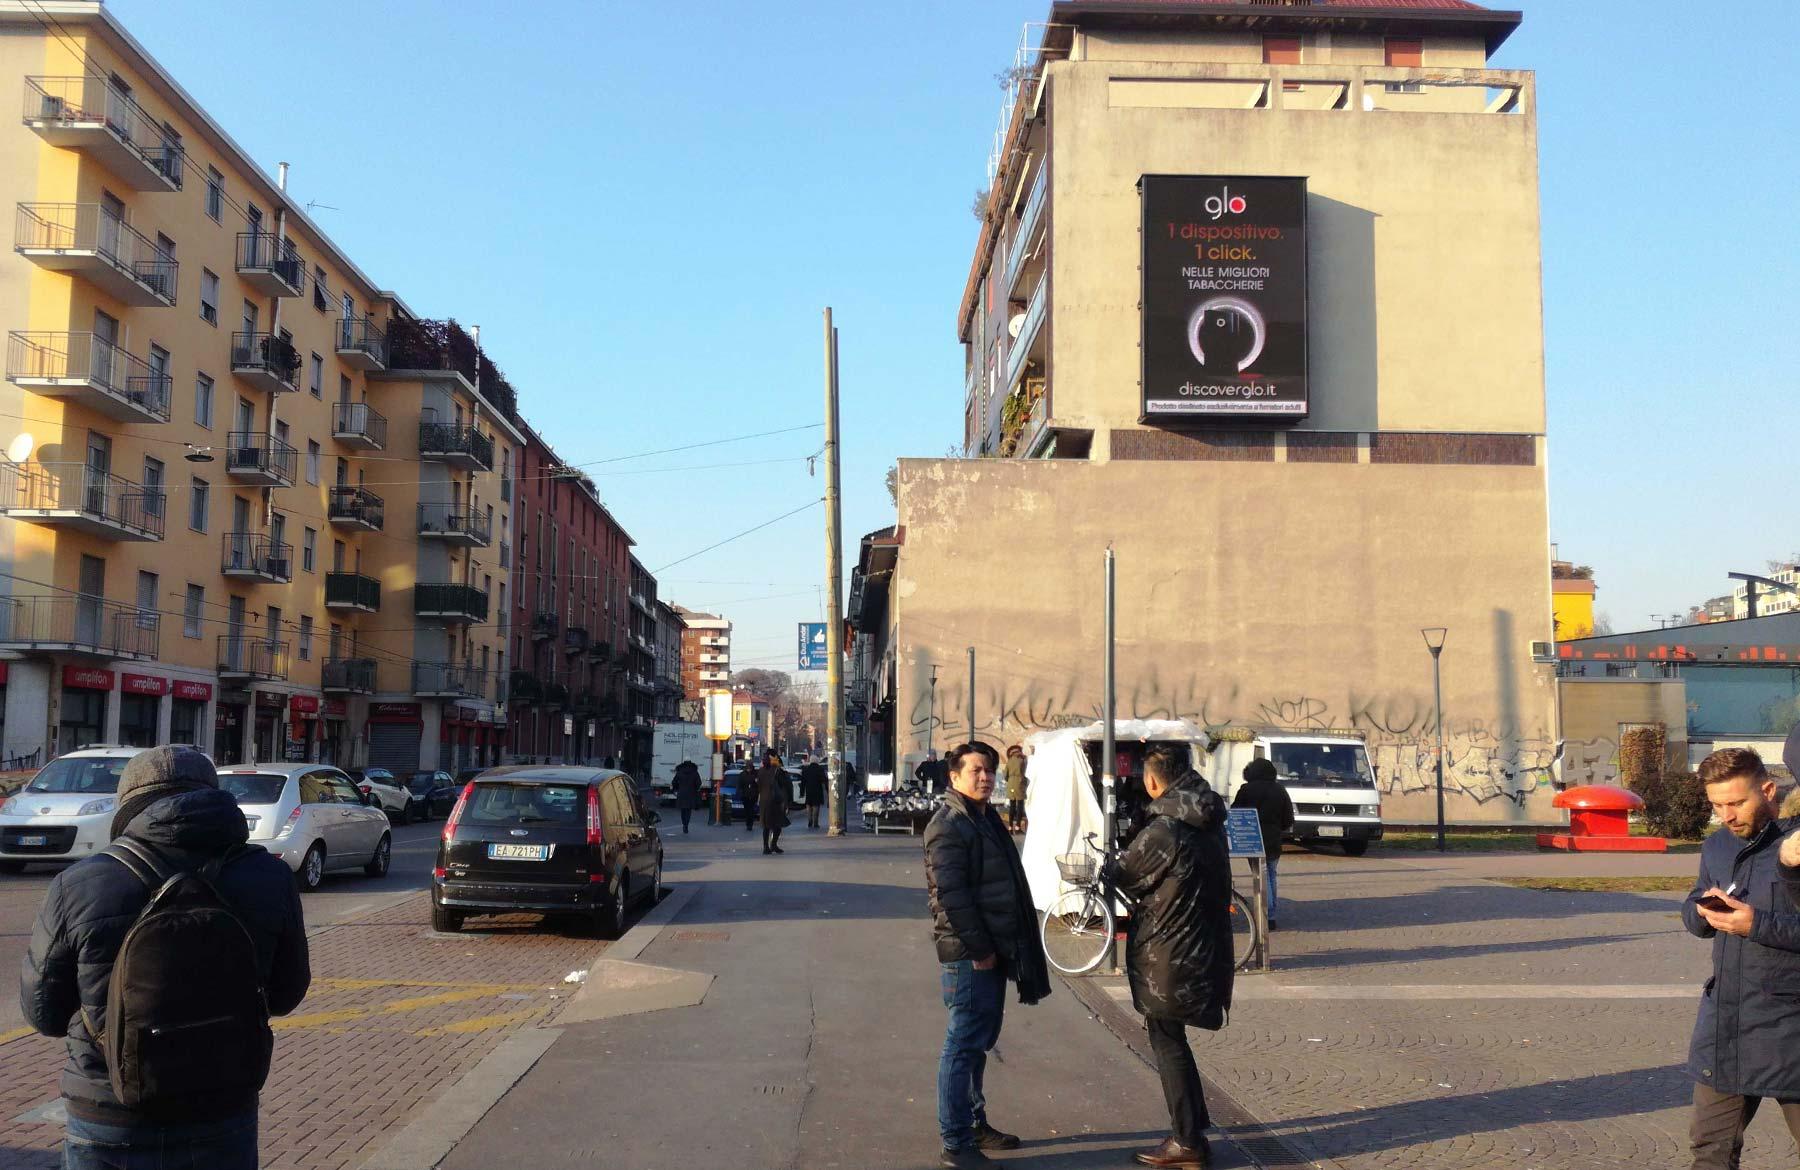 Via Pellegrino Rossi